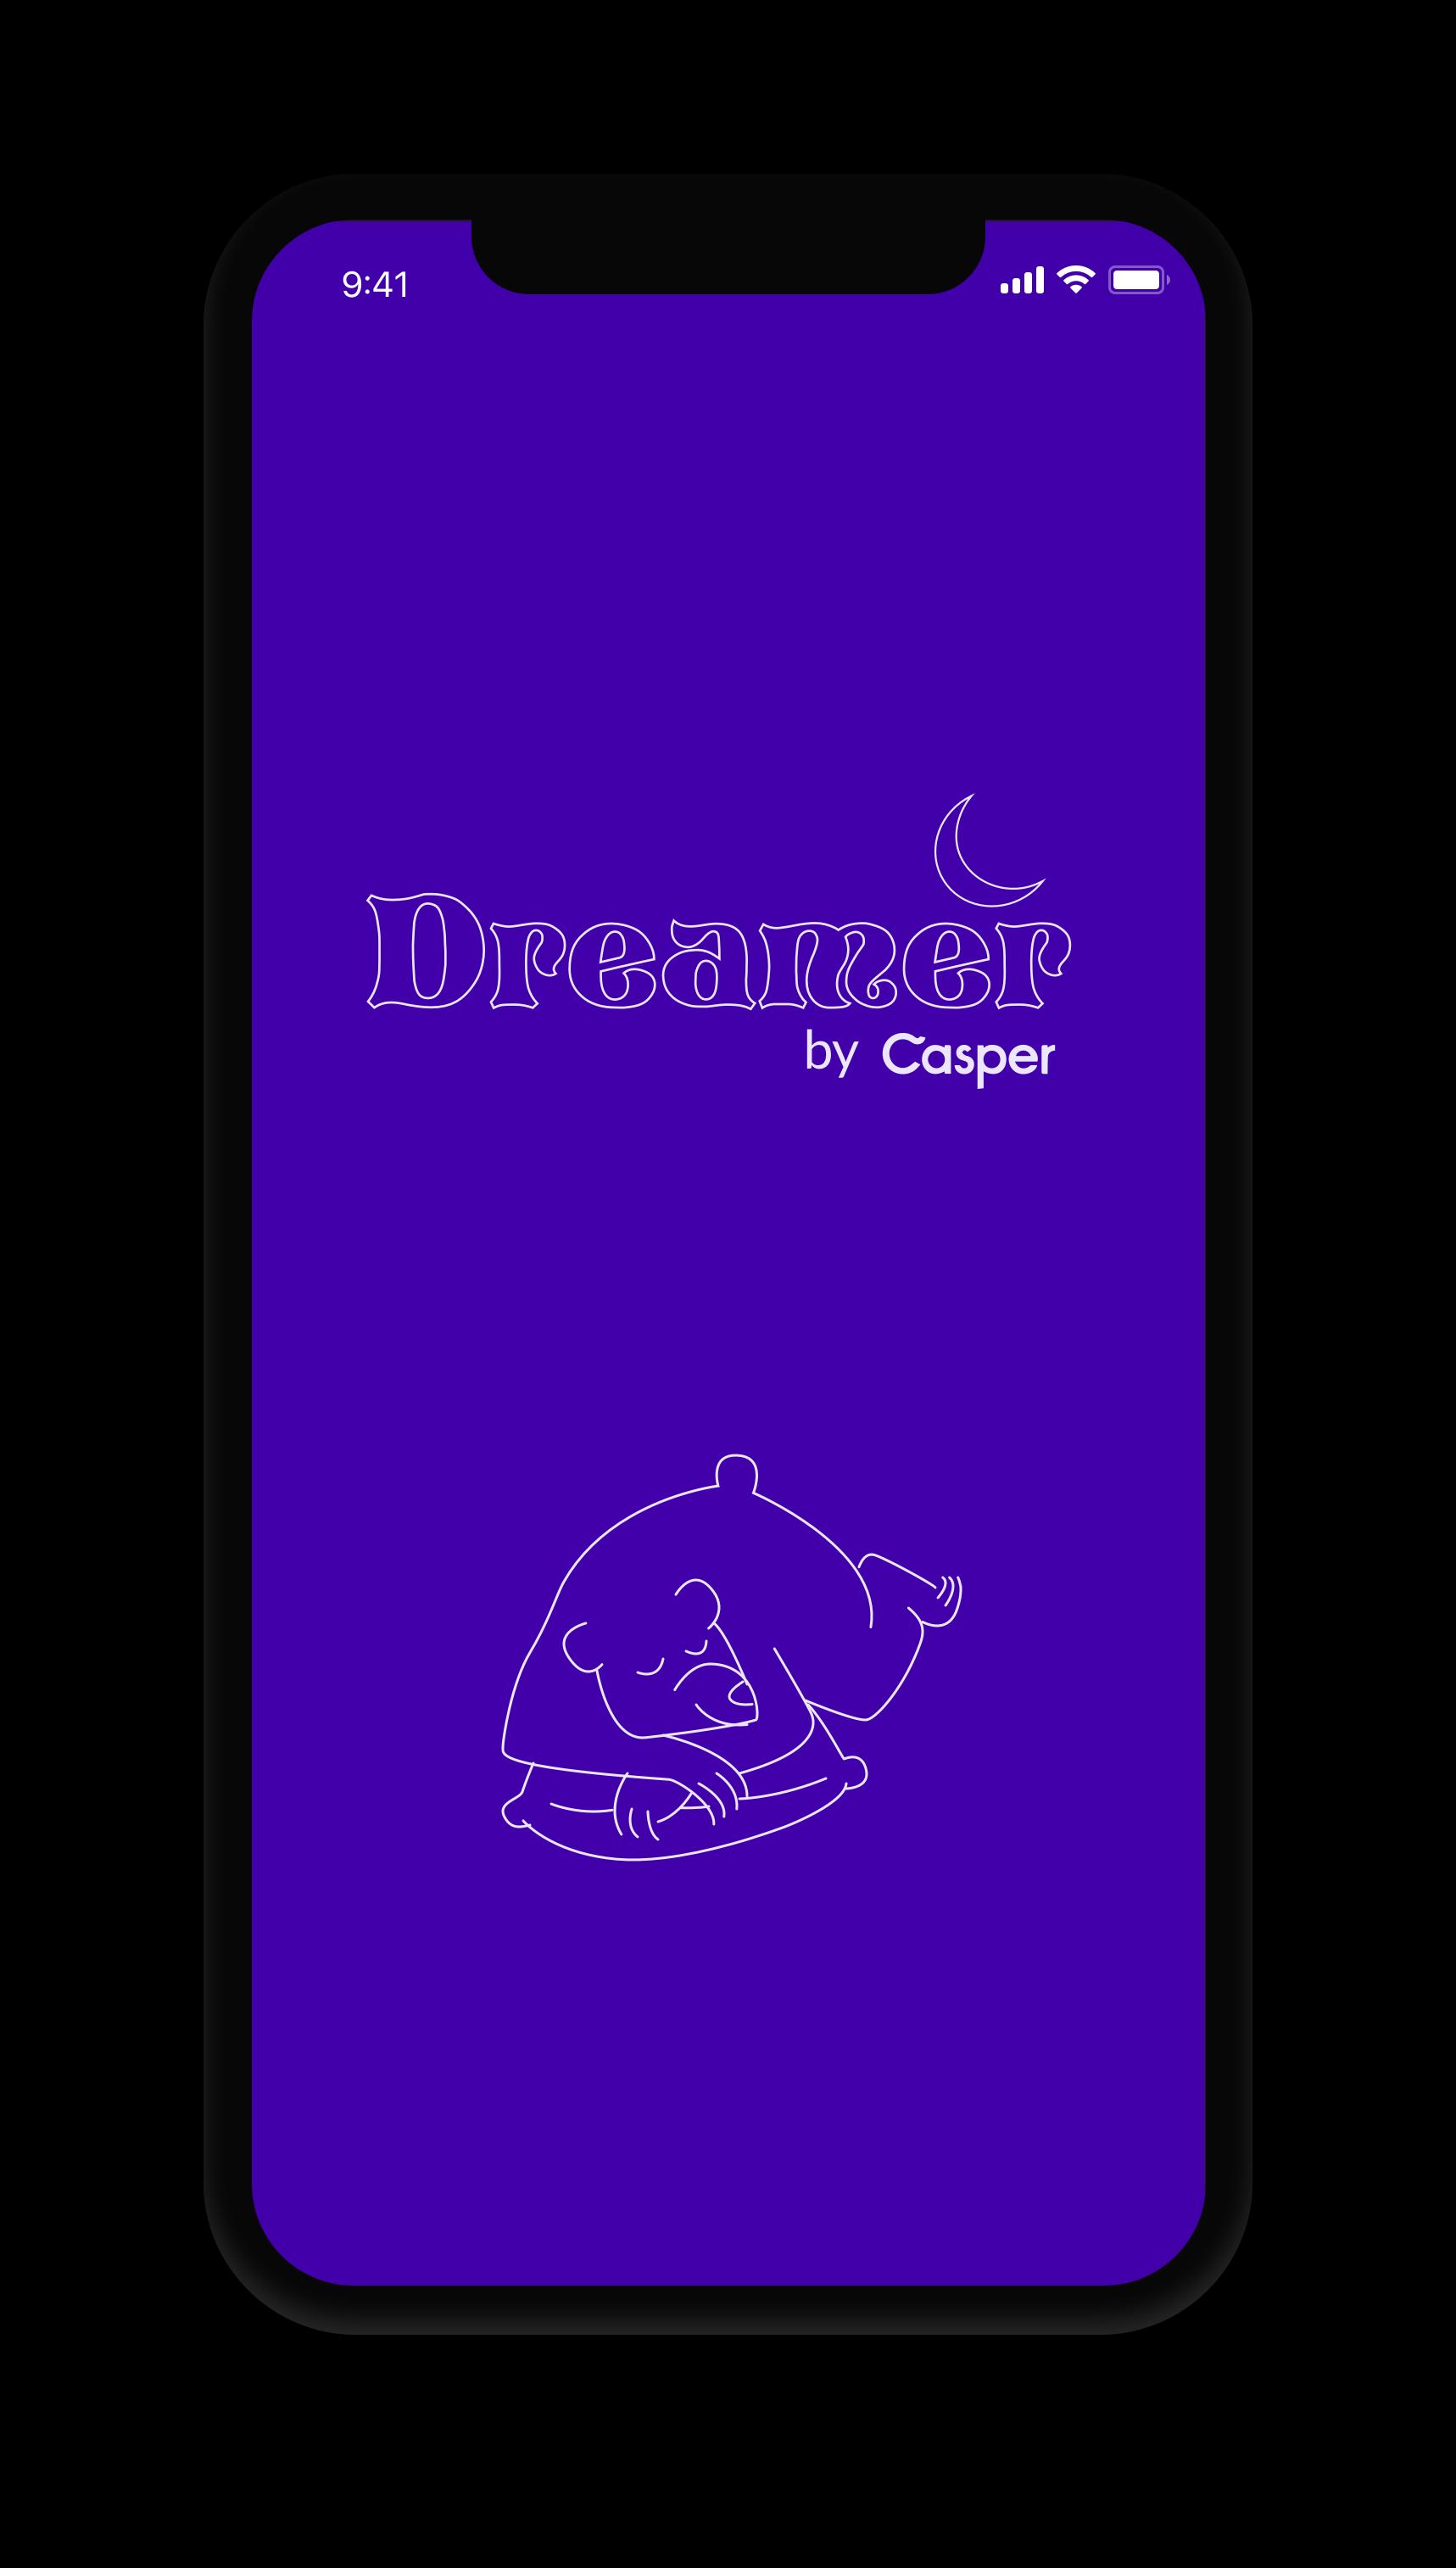 Dreamer by Casper – Peter Nguyen